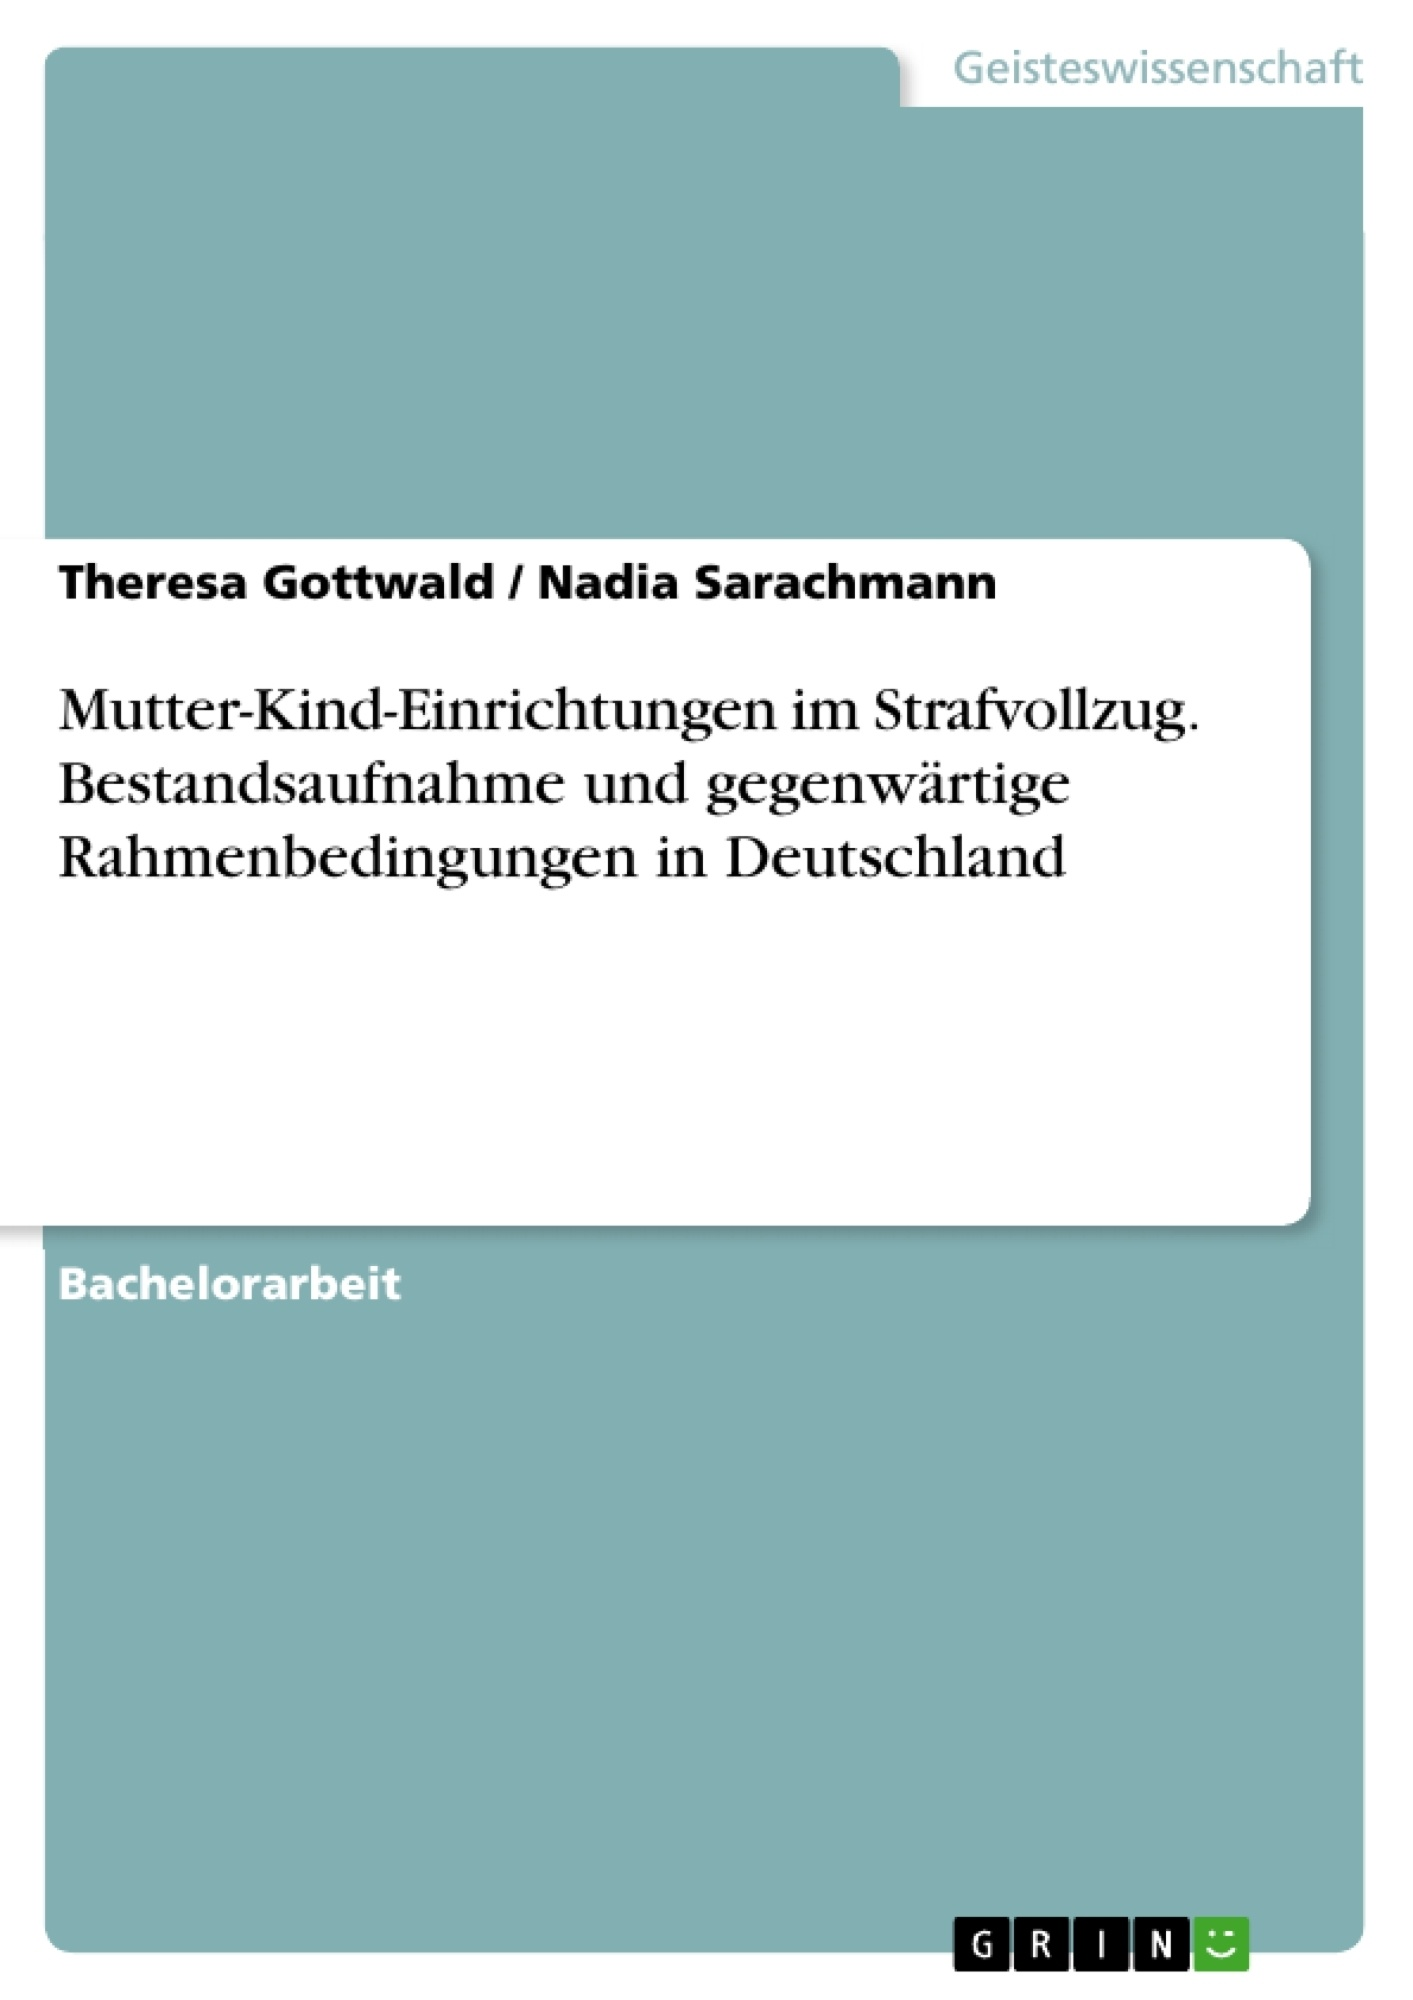 Titel: Mutter-Kind-Einrichtungen im Strafvollzug. Bestandsaufnahme und gegenwärtige Rahmenbedingungen in Deutschland